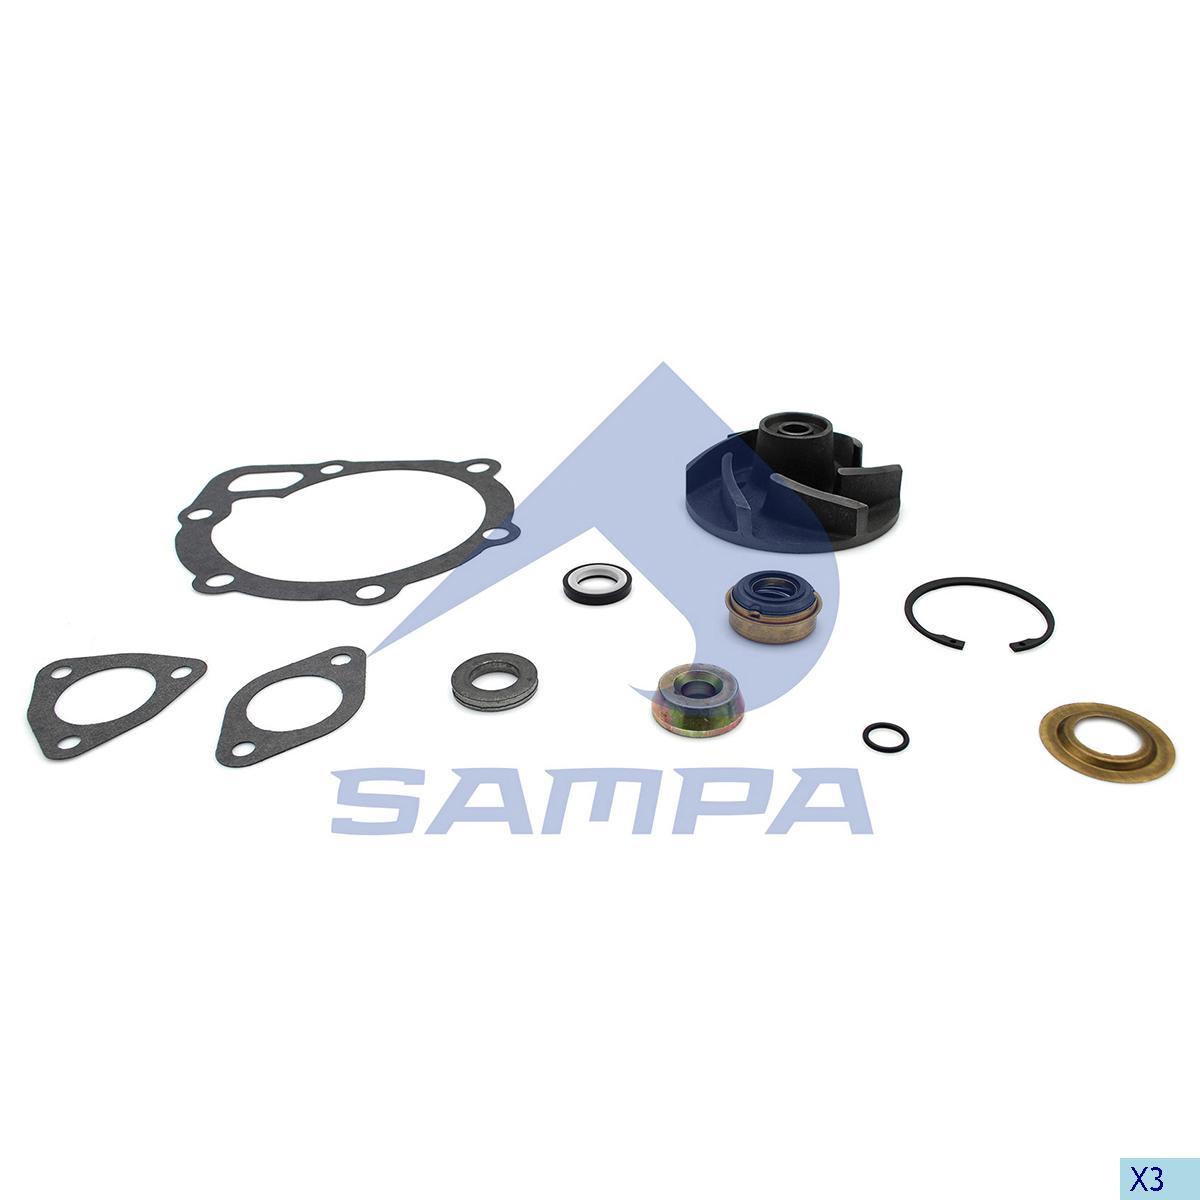 Repair Kit, Water Pump, Scania, Engine